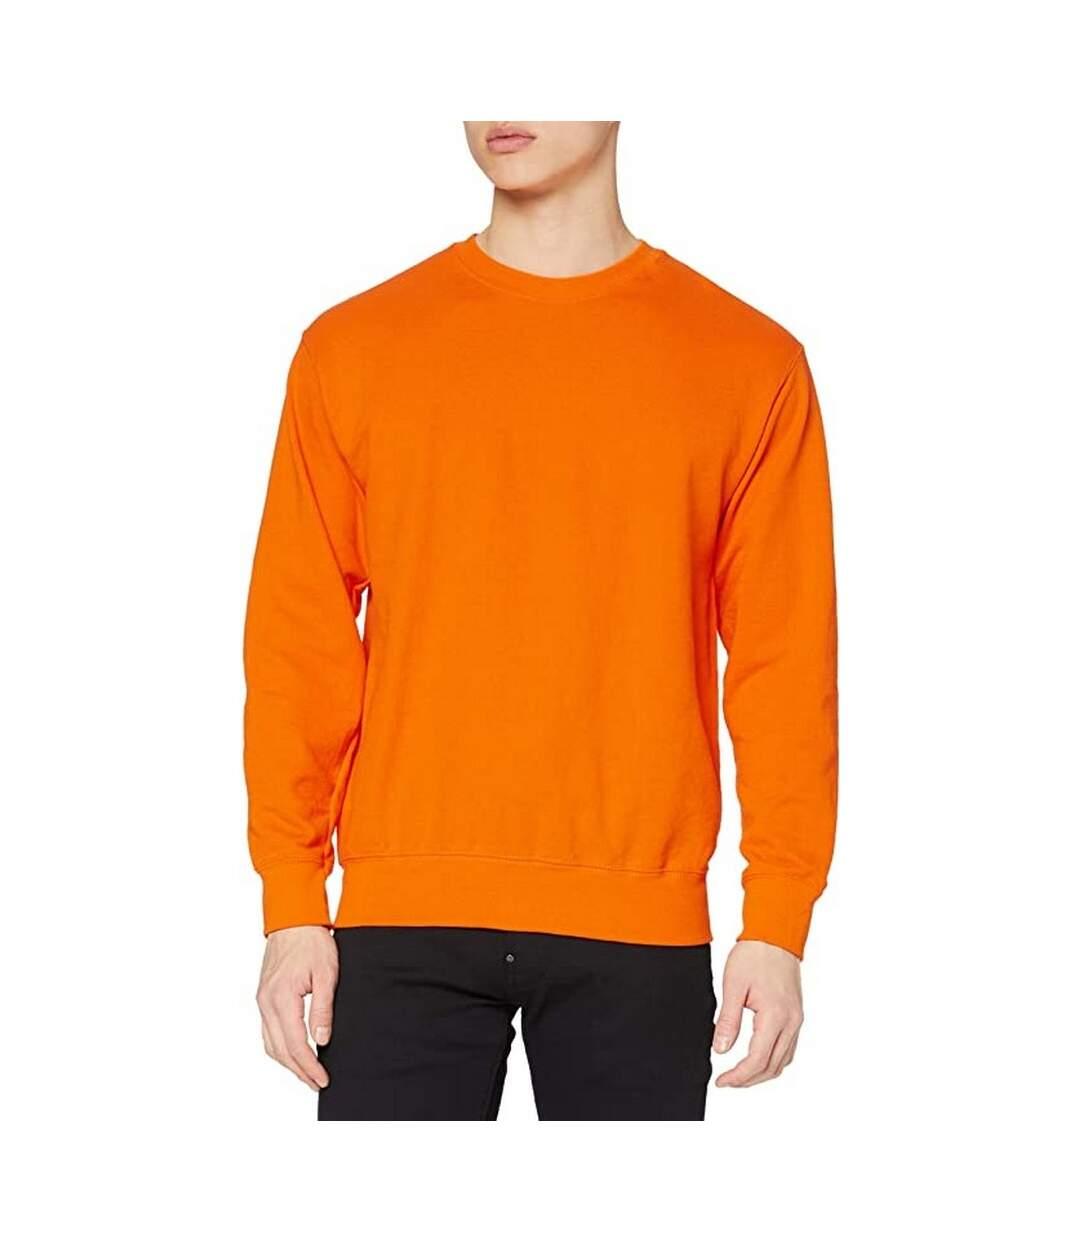 Fruit Of The Loom Mens Lightweight Set-In Sweatshirt (Orange) - UTRW4499